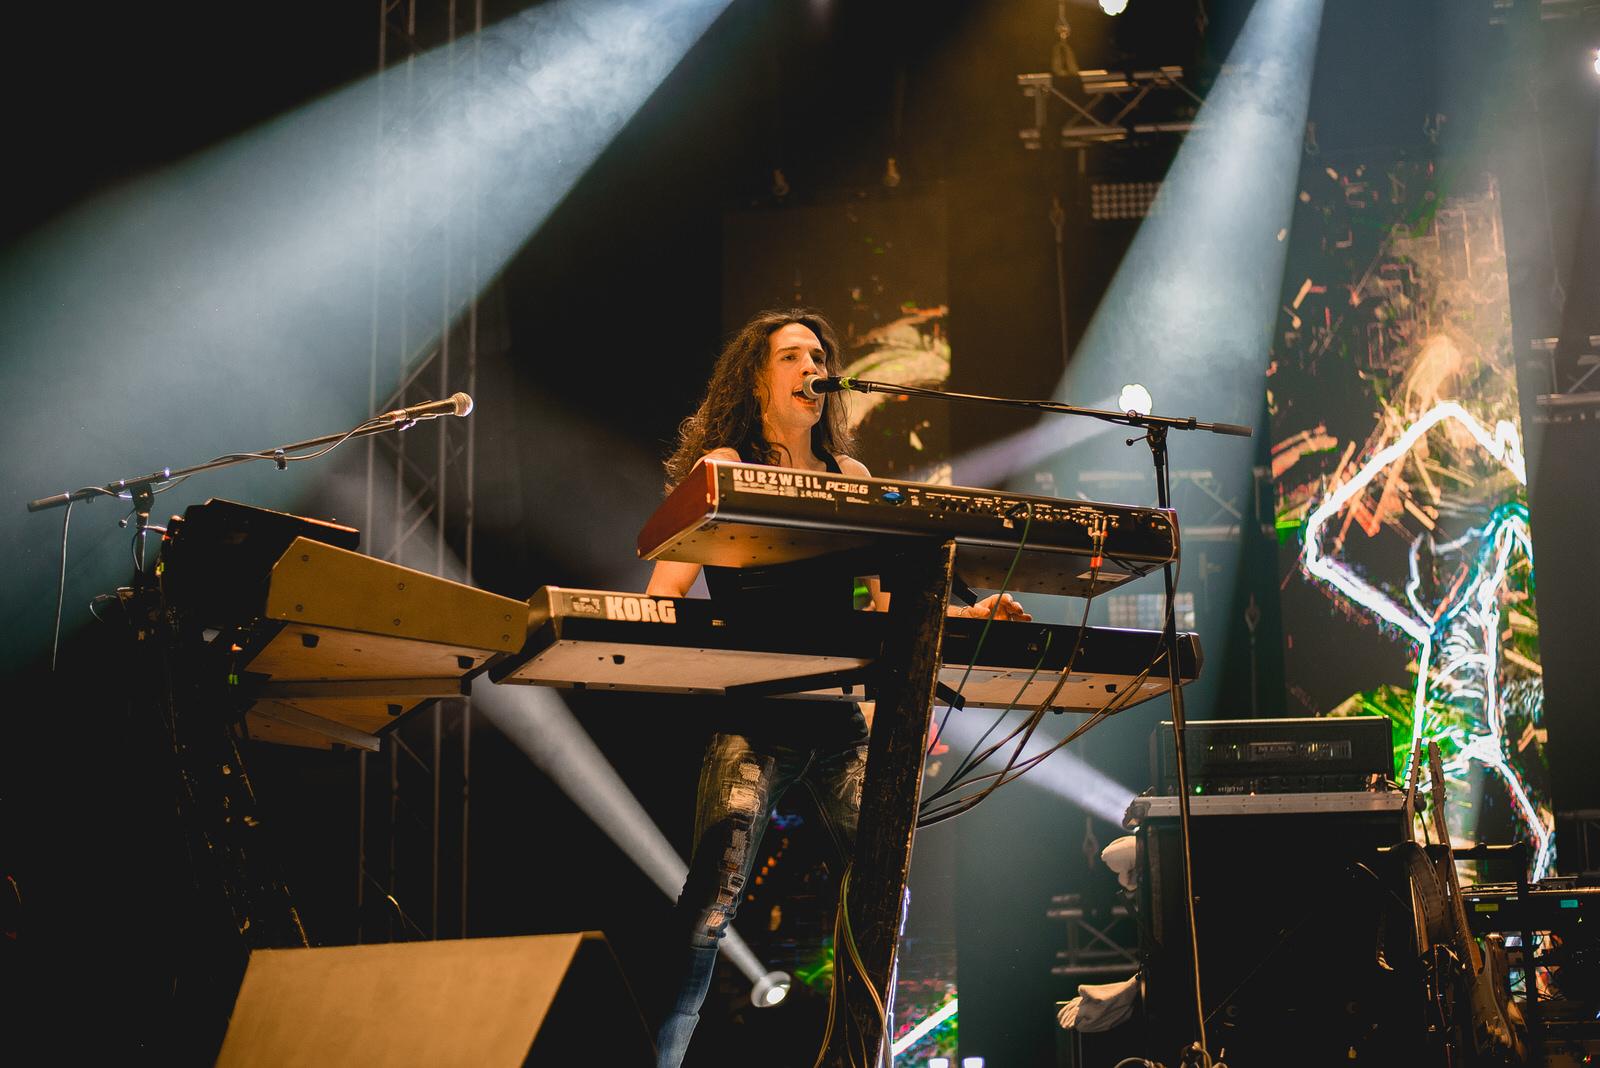 likaclub_gospić_koncert-thompson_2018-26